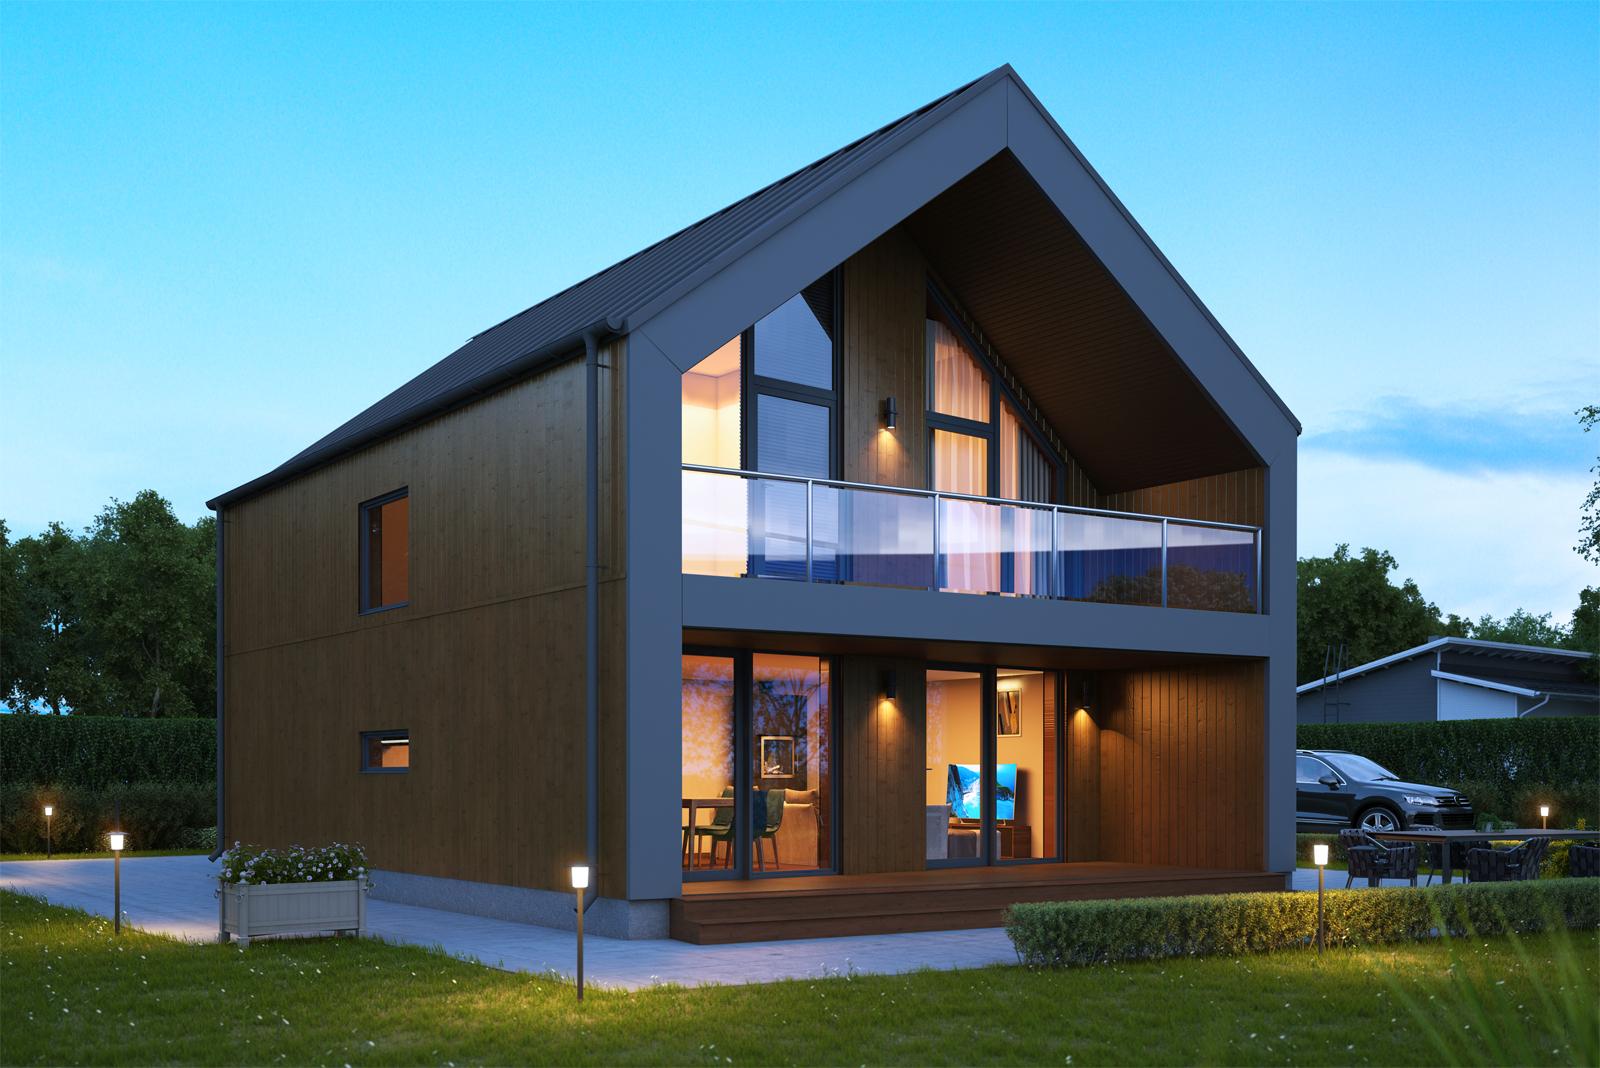 Panneaux maison ossature bois Nordi 01 L 133 m²